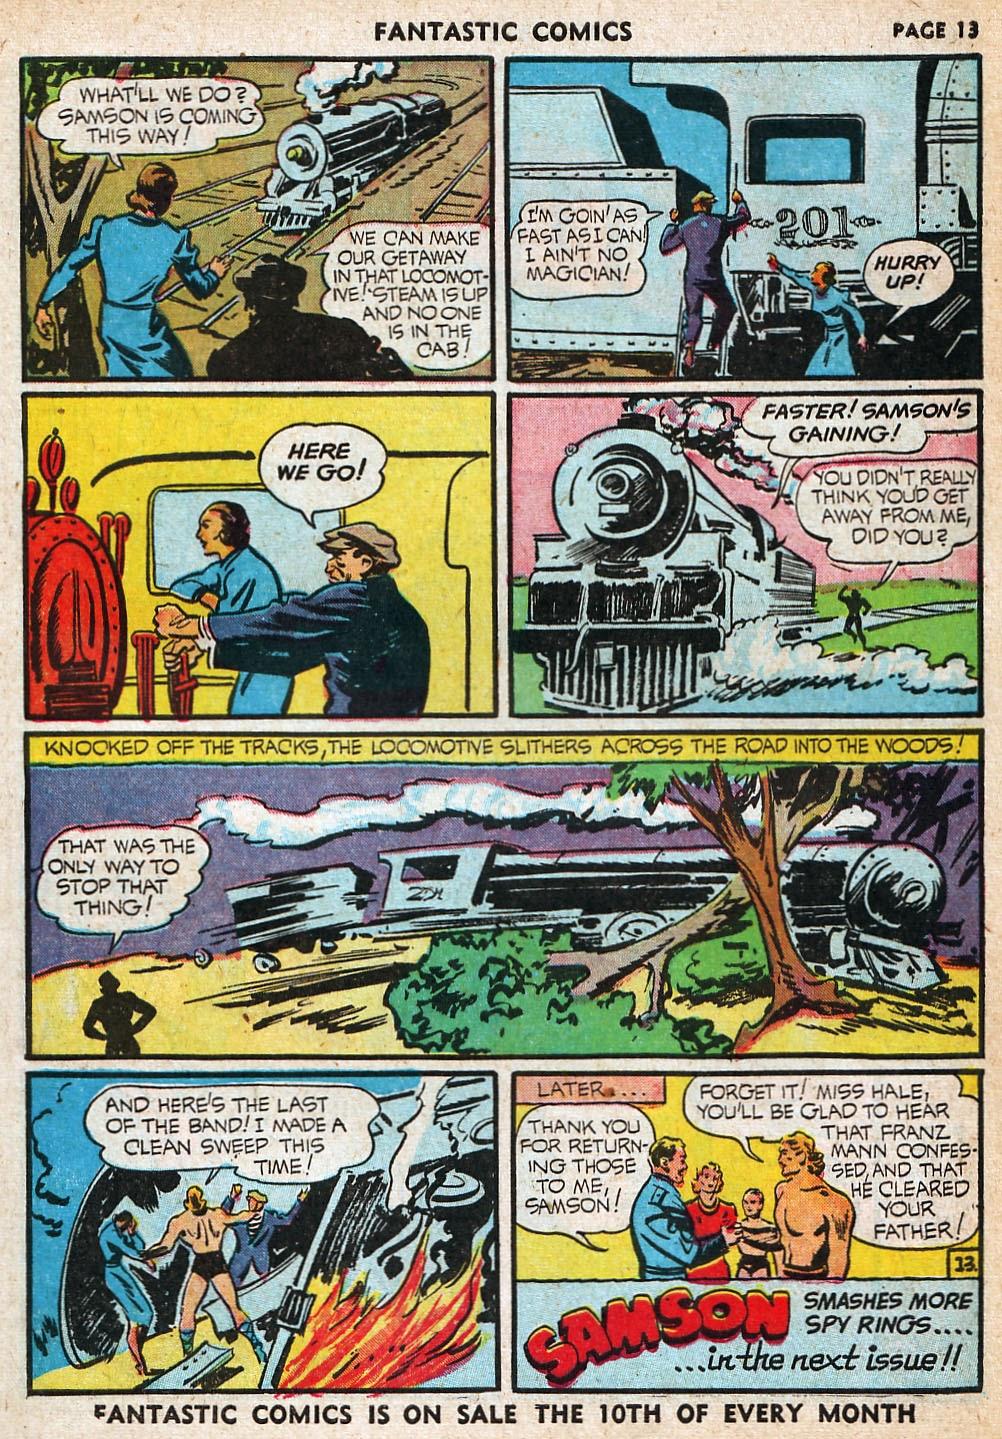 Read online Fantastic Comics comic -  Issue #20 - 14